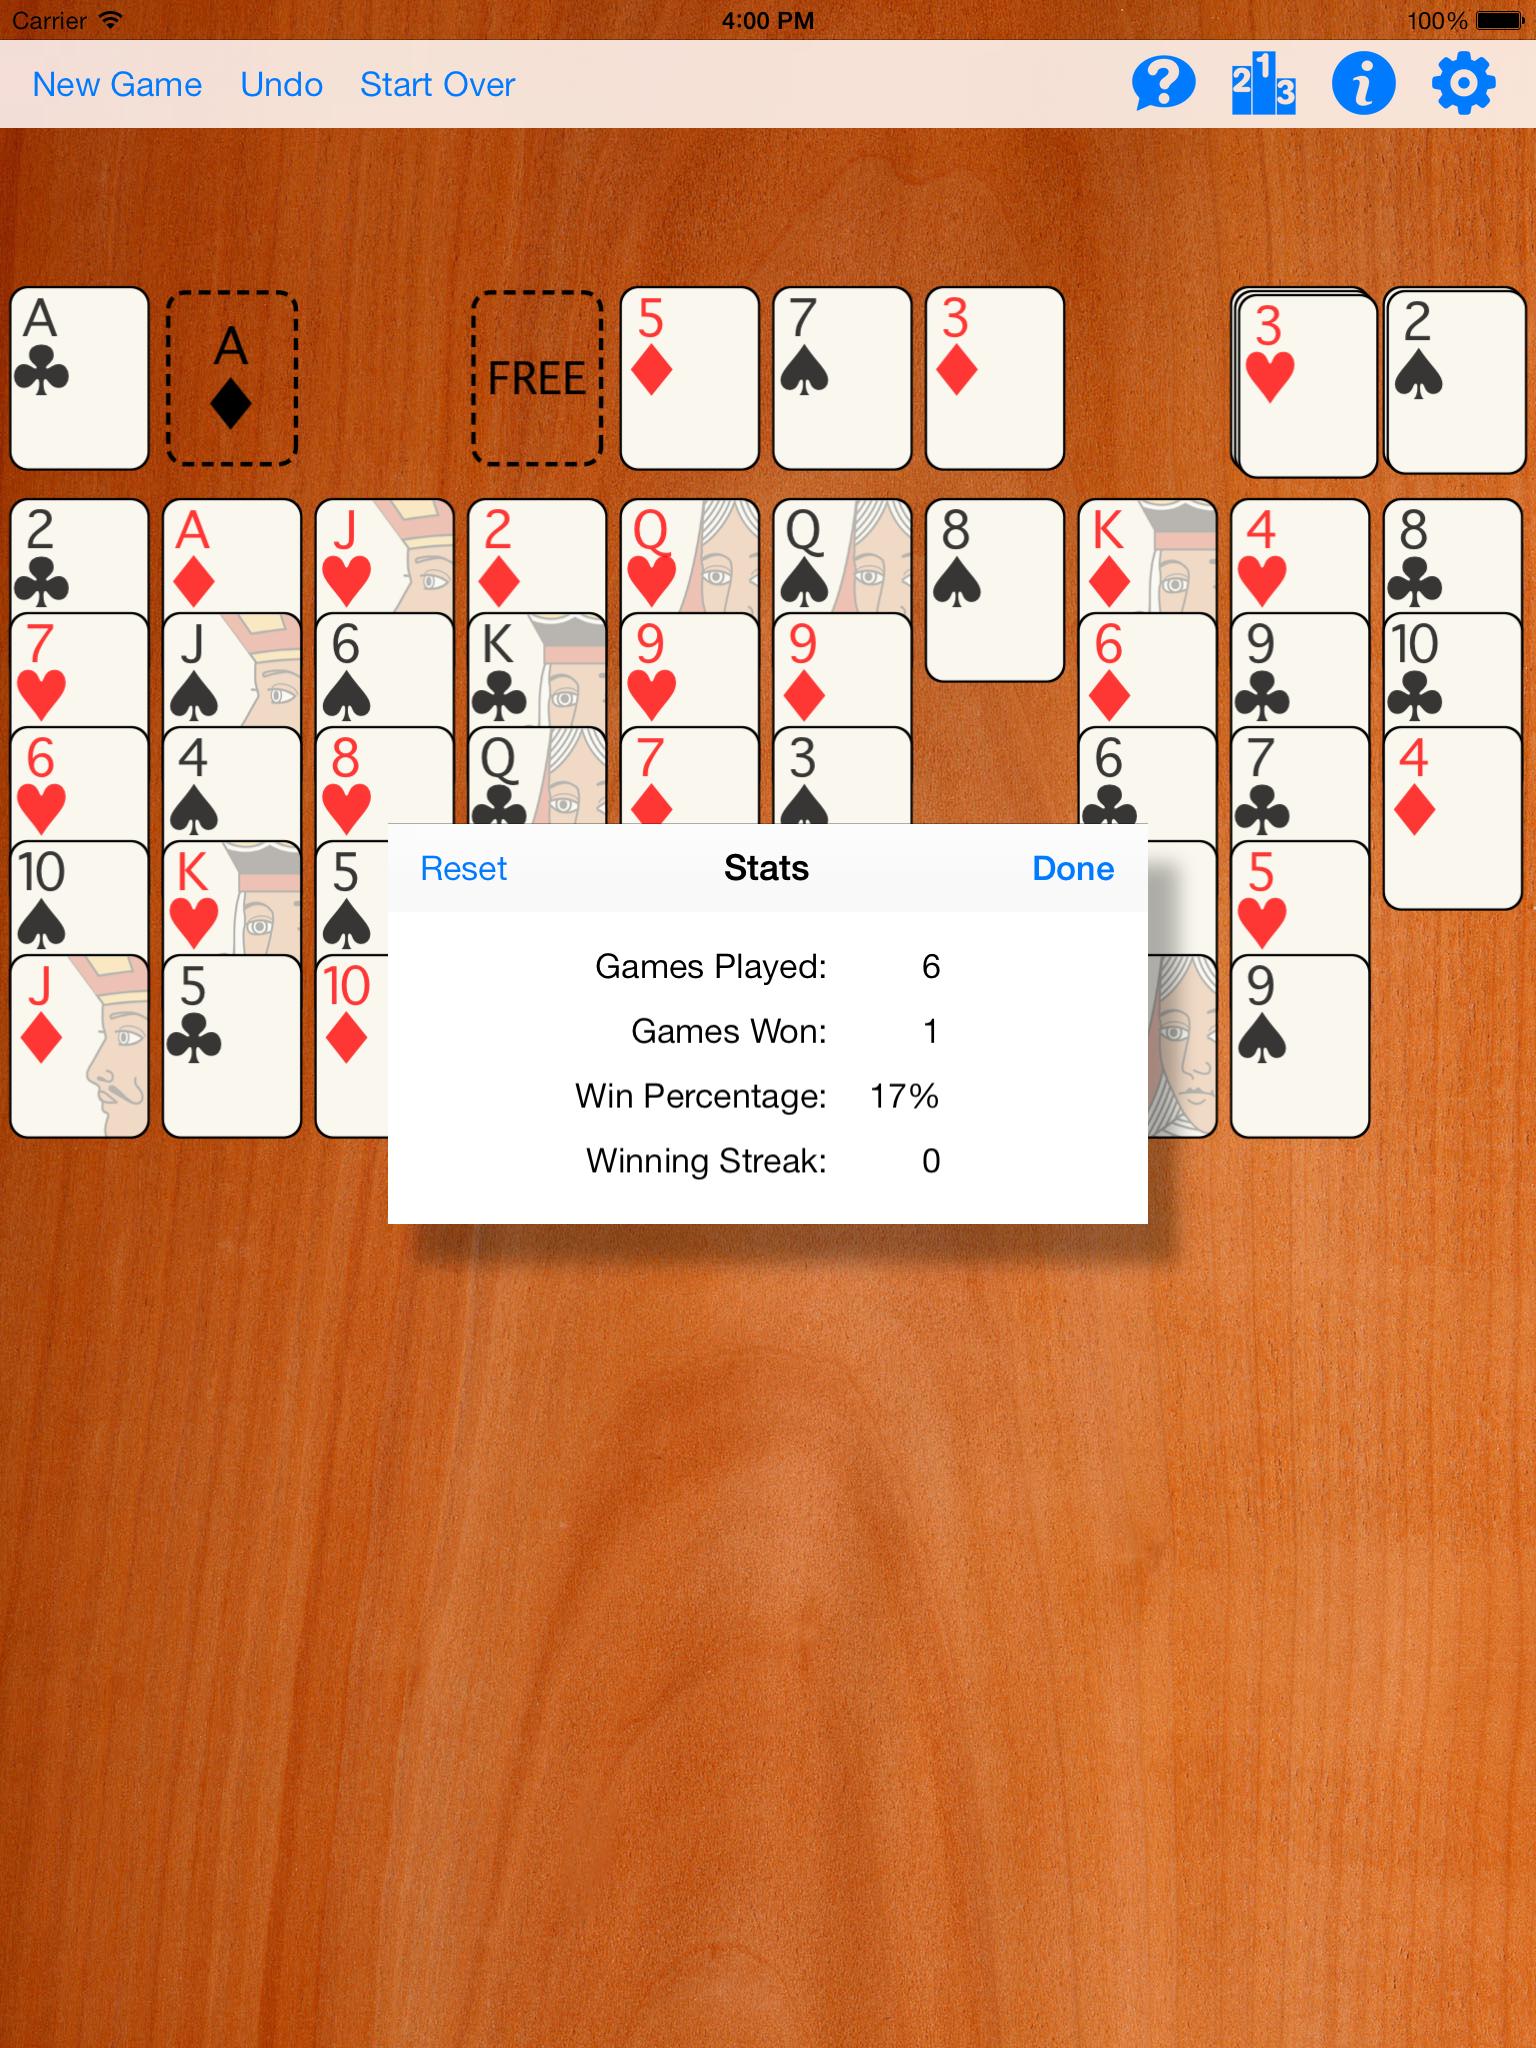 iOS Simulator Screen shot Nov 26, 2013, 4.00.44 PM.png